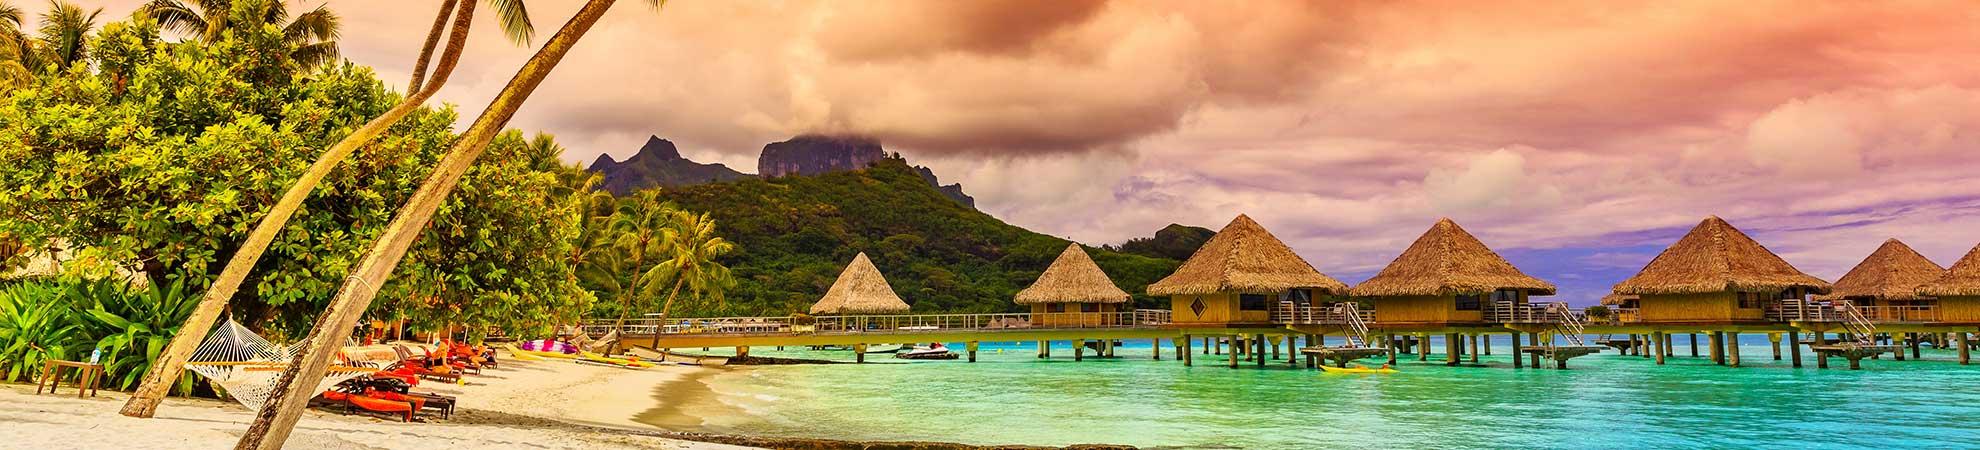 Quand partir à Bora Bora